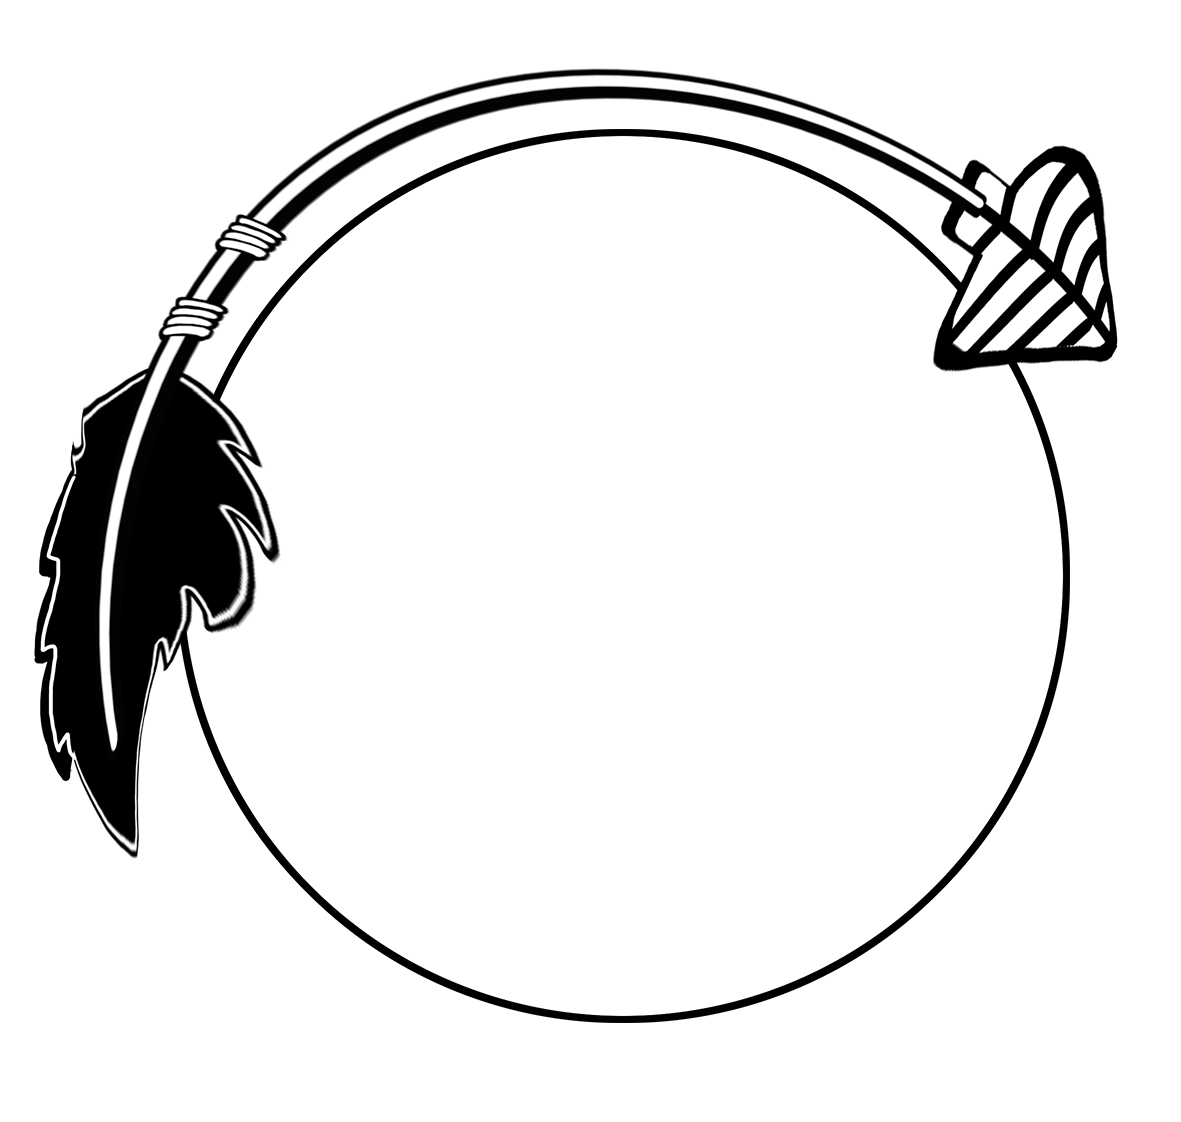 Clipart arrows frame. Black curved arrow jamie